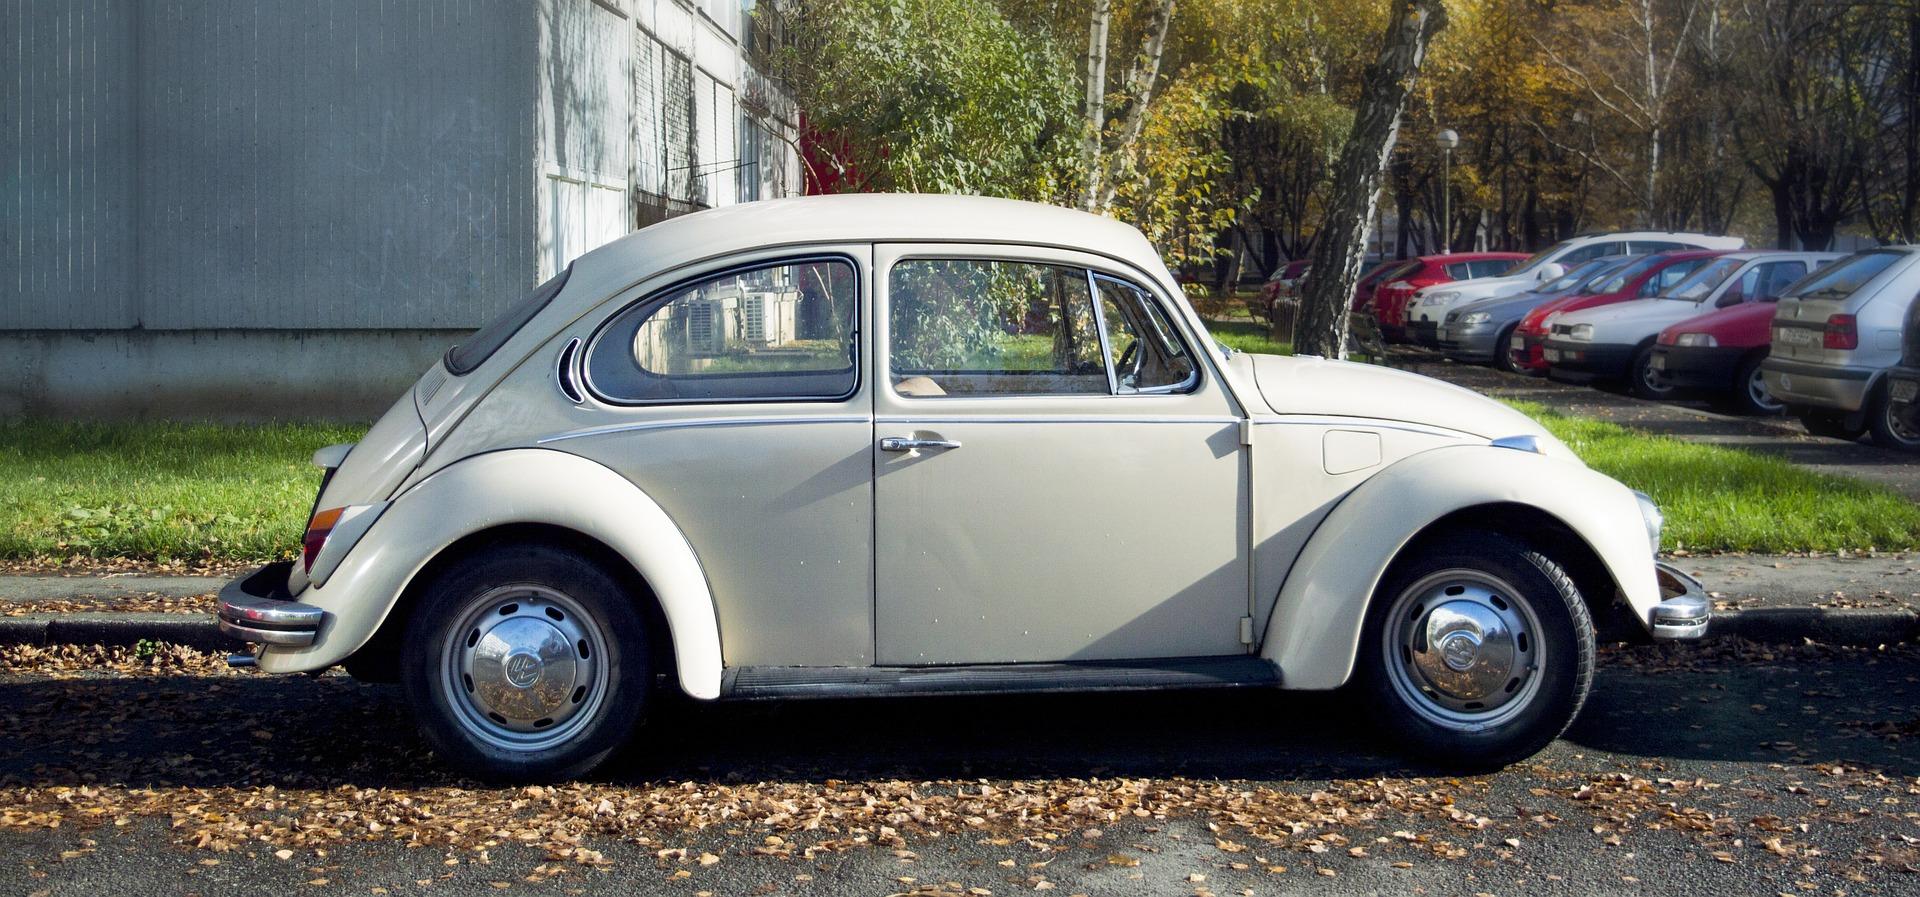 vw-beetle-533554_1920.jpg